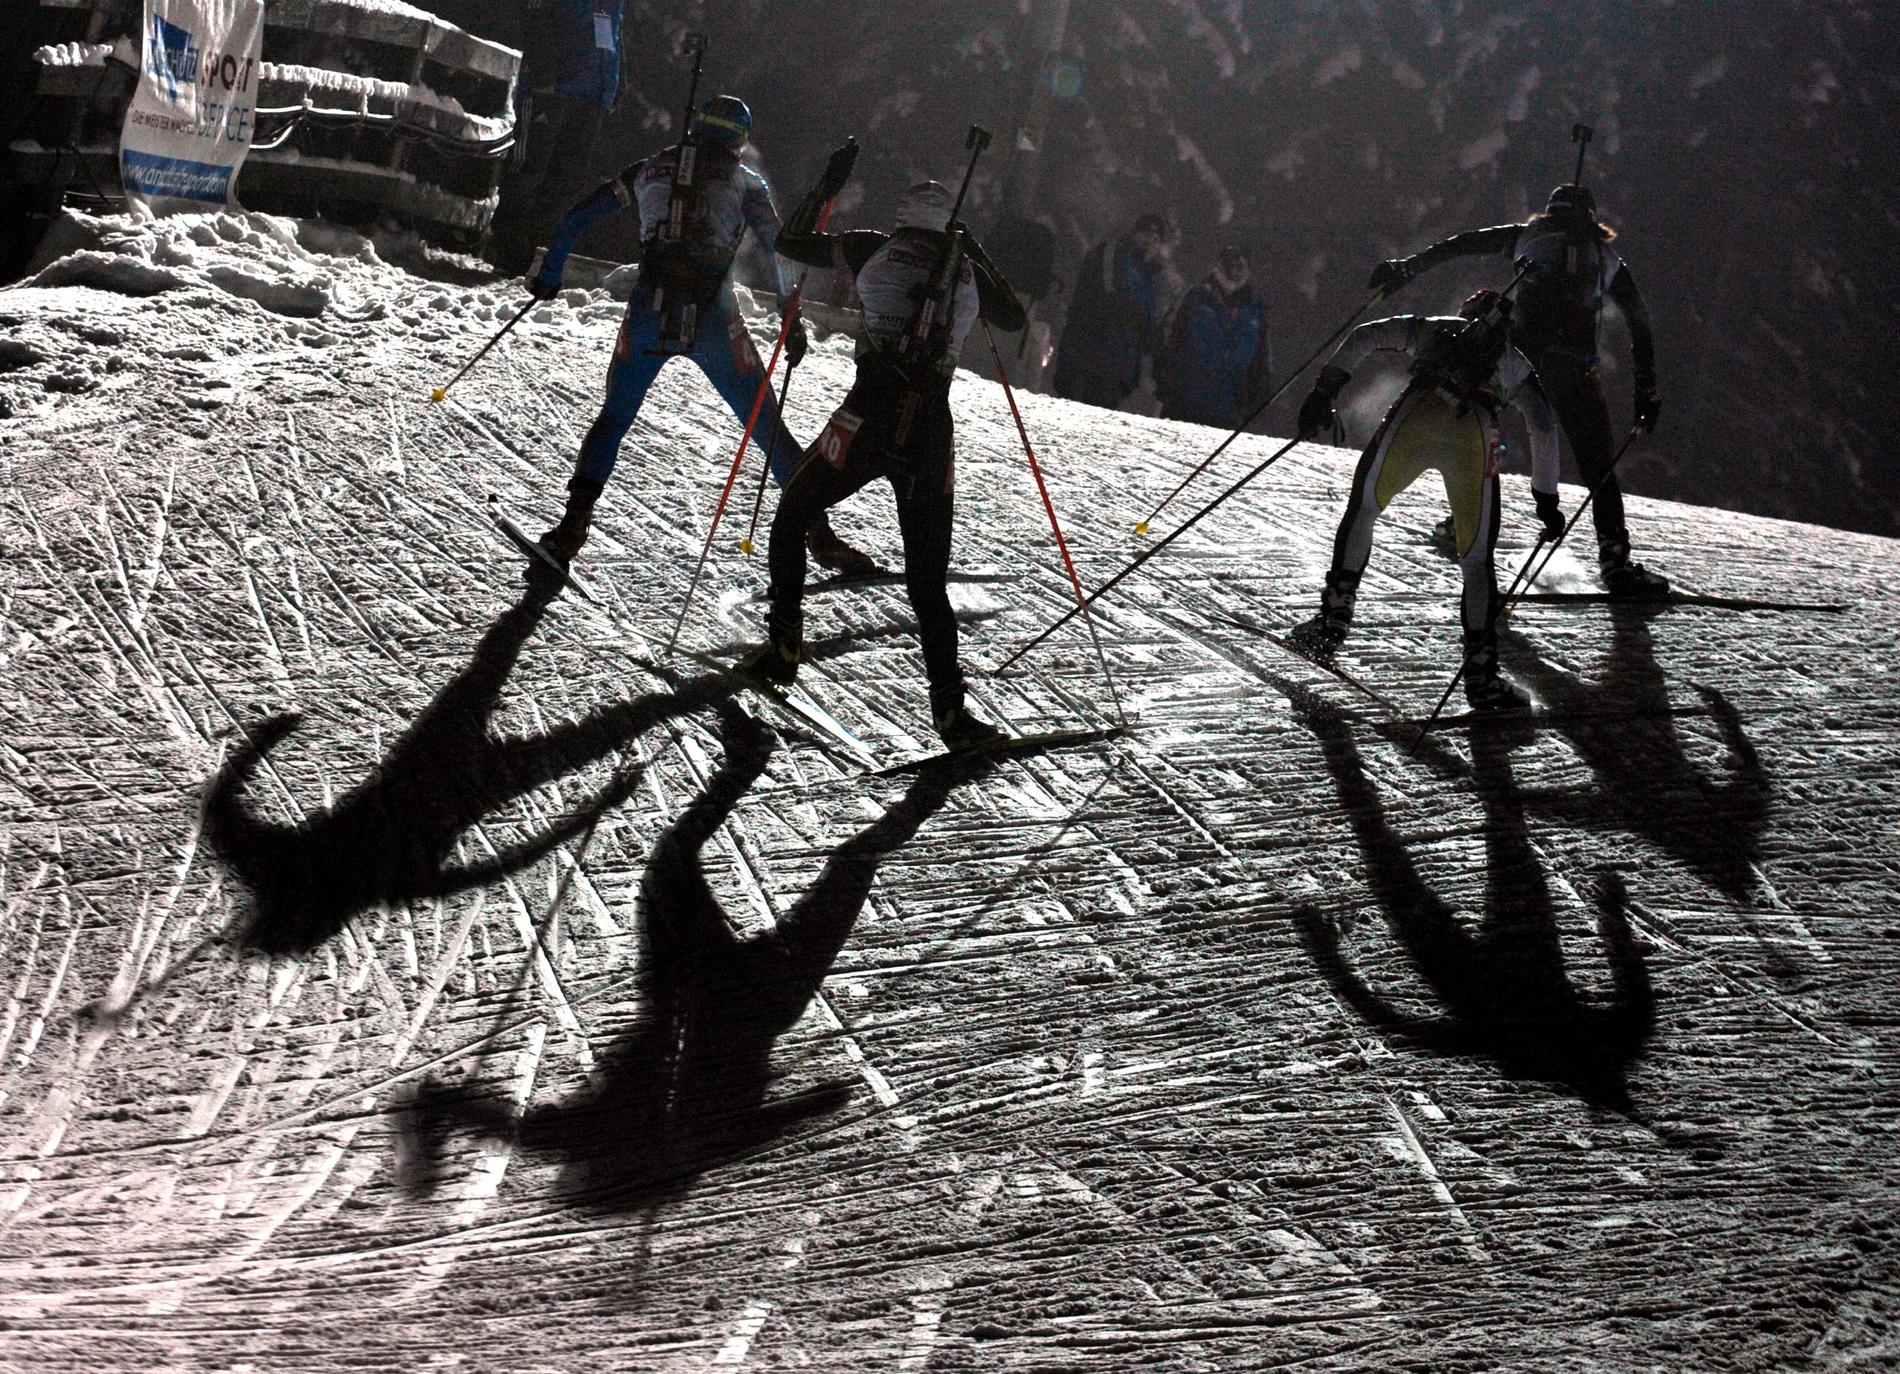 Nu är det dags för världscupdebut som svenska för Chardine Sloof. Arkivbild.